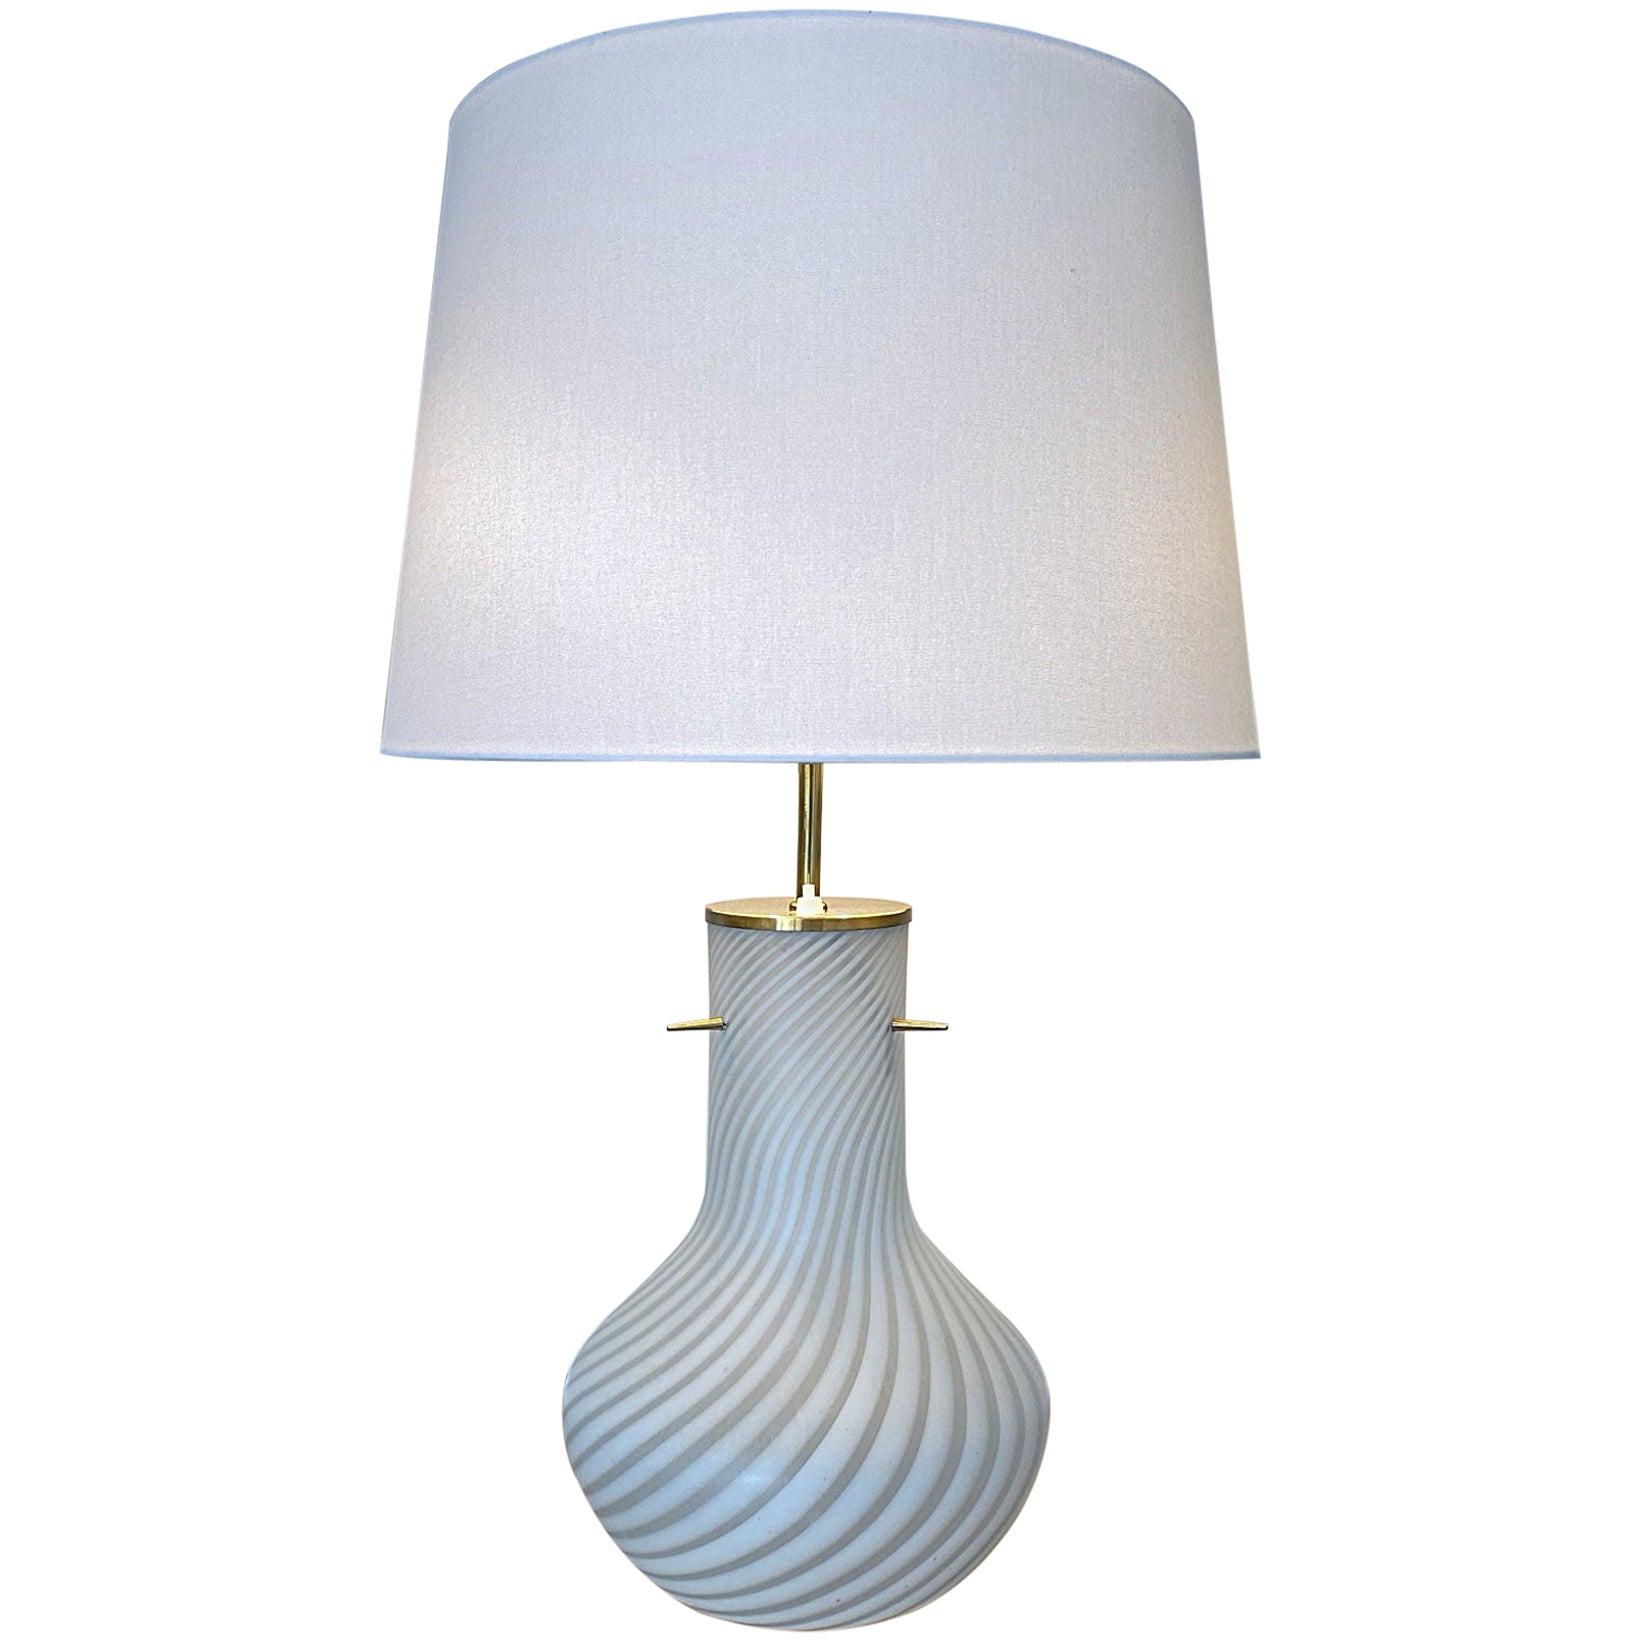 Venini Murano Big Blown Striped Glass Table Lamp, 1960s, Italy